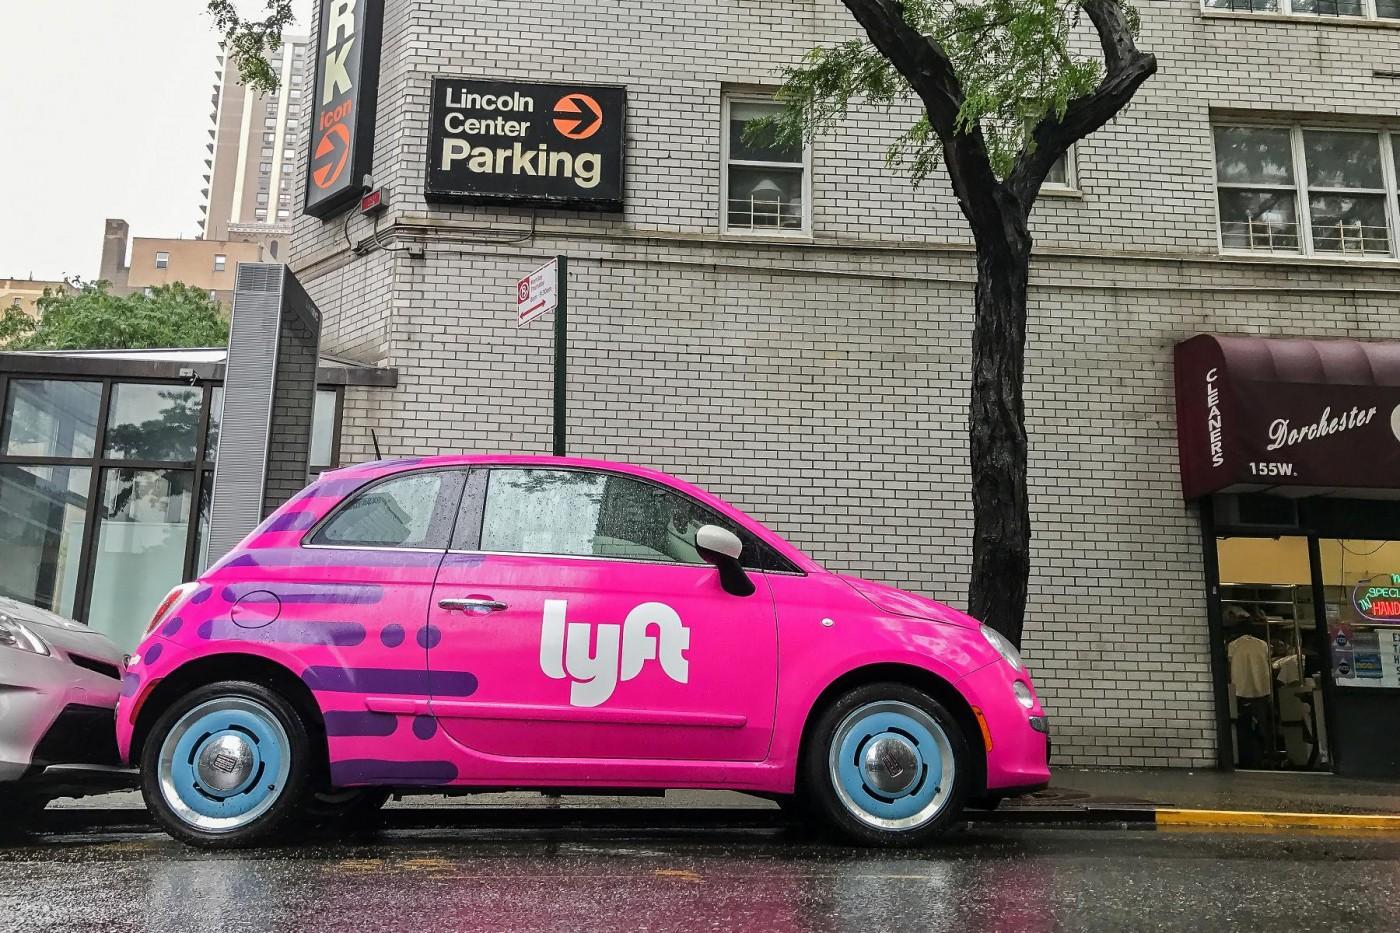 美國叫車服務二哥Lyft下週搶先Uber IPO,市值預估破200億美元